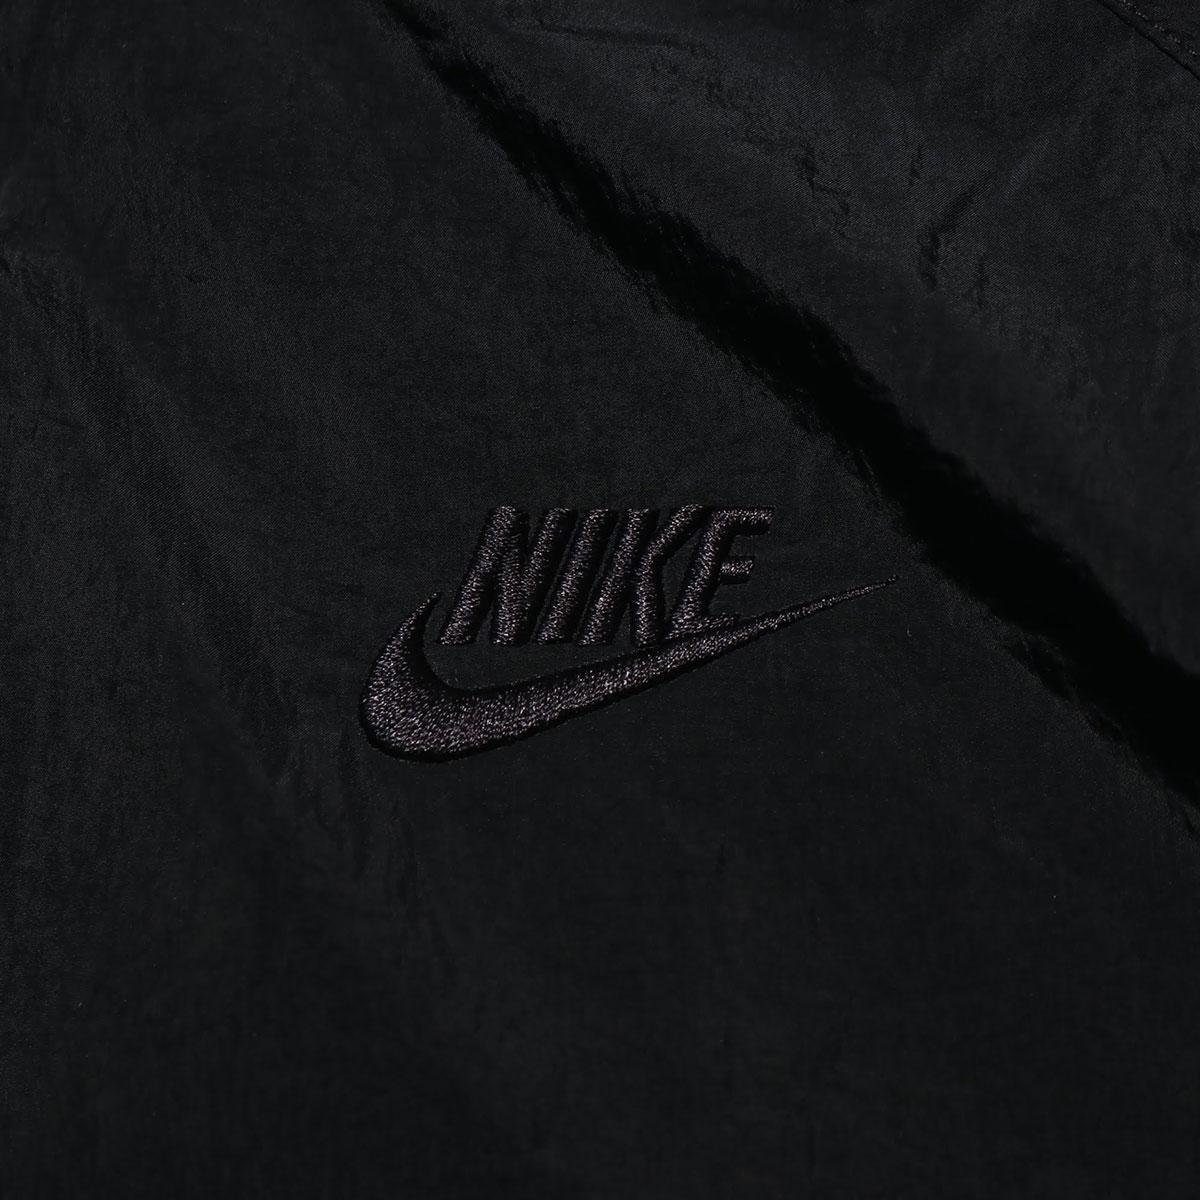 (冬季出清)【NIKE】Sportswear 大LOGO外套 編織外套 外套 黑 男女 AR3133-010 (palace store) 5